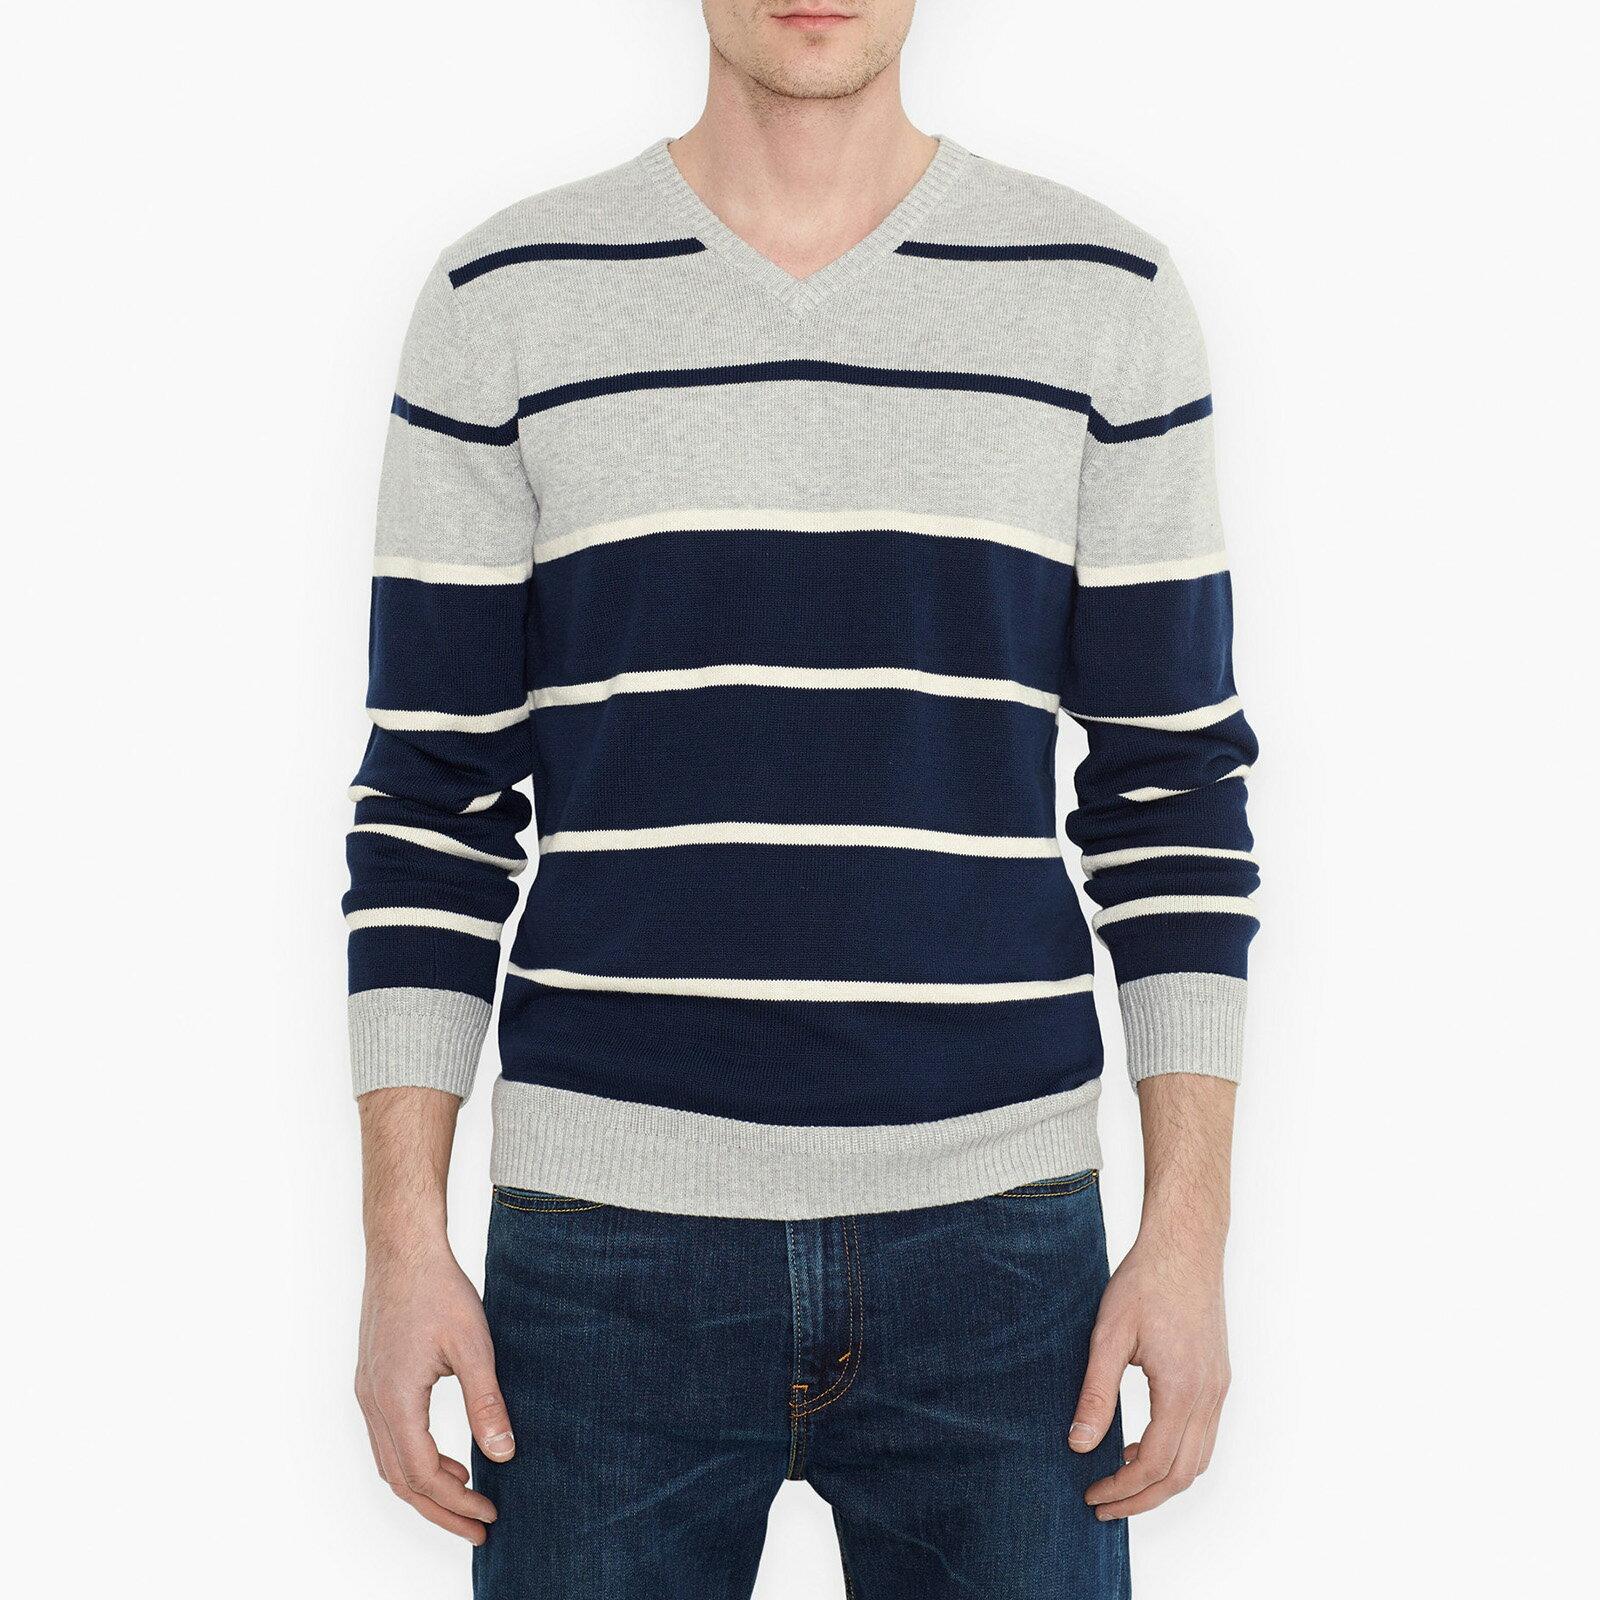 美美國百分百【全新真品】Levis T恤 V領 上衣 針織衫 線衫 毛線 長袖 深藍 灰色 條紋 男衣 M號 E398